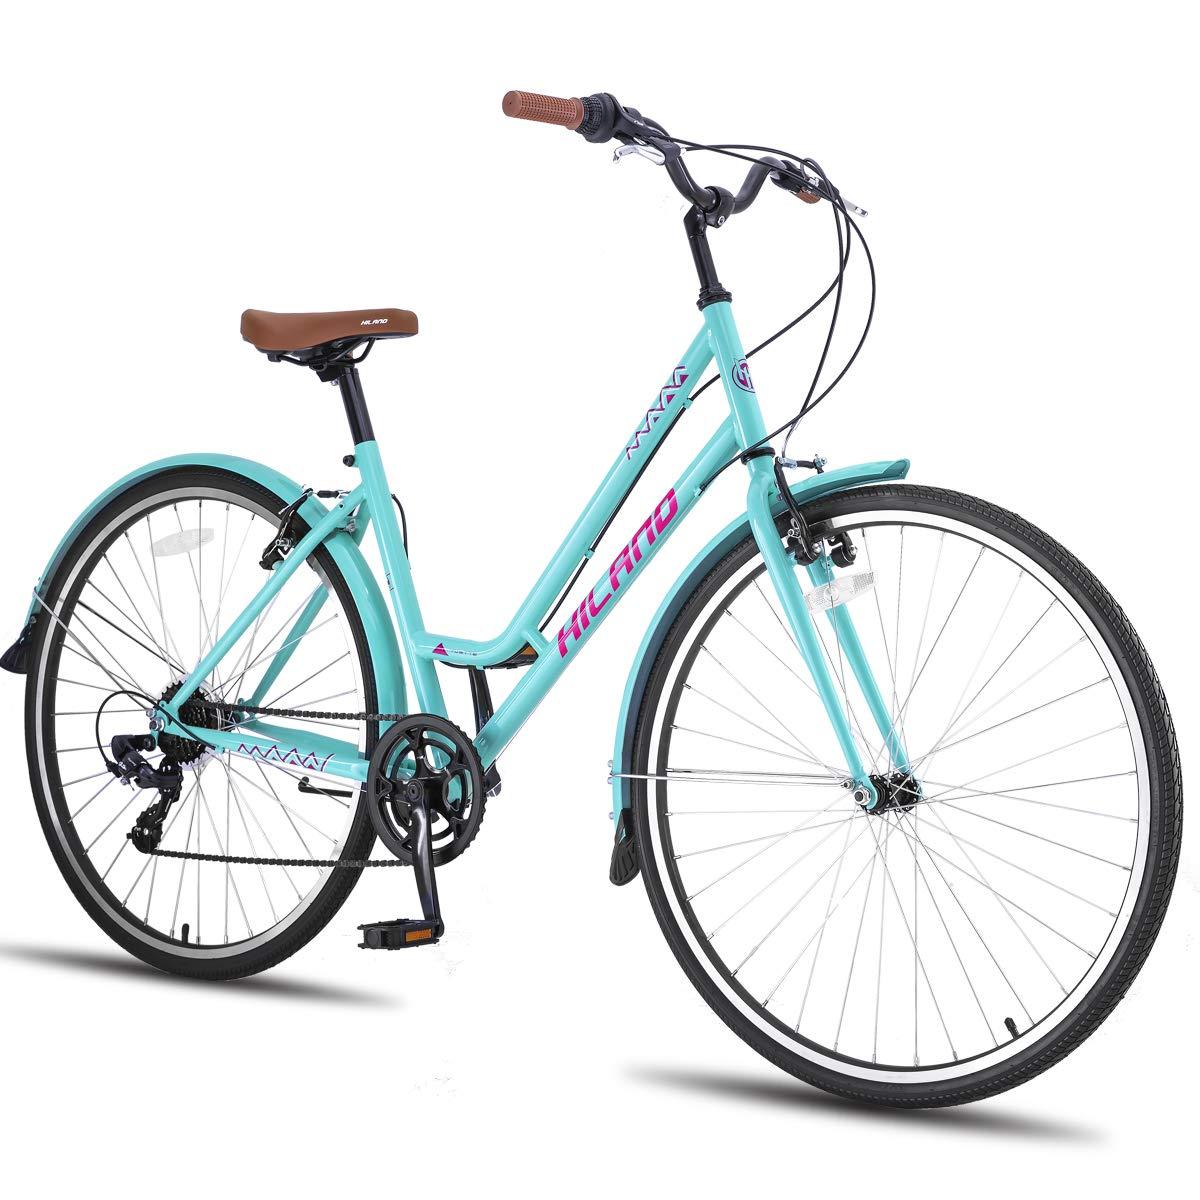 Hiland Romanne Urban City - Bicicleta de Paseo para Hombre: Amazon.es: Deportes y aire libre